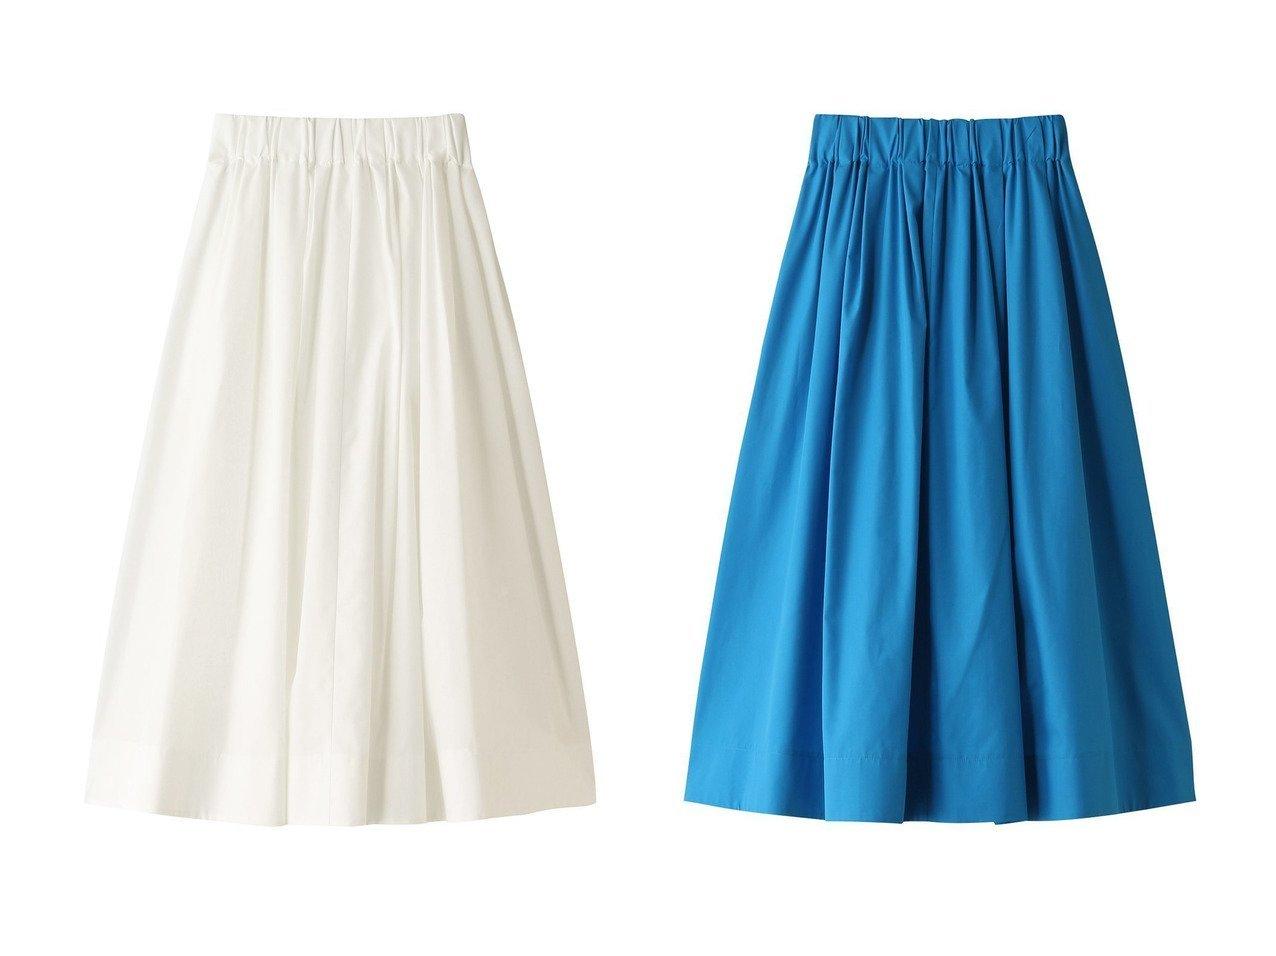 【LE CIEL BLEU/ルシェル ブルー】のコットンギャザースカート スカートのおすすめ!人気、レディースファッションの通販 おすすめで人気のファッション通販商品 インテリア・家具・キッズファッション・メンズファッション・レディースファッション・服の通販 founy(ファニー) https://founy.com/ ファッション Fashion レディース WOMEN スカート Skirt ロングスカート Long Skirt シンプル セットアップ フレア ロング |ID:crp329100000000079